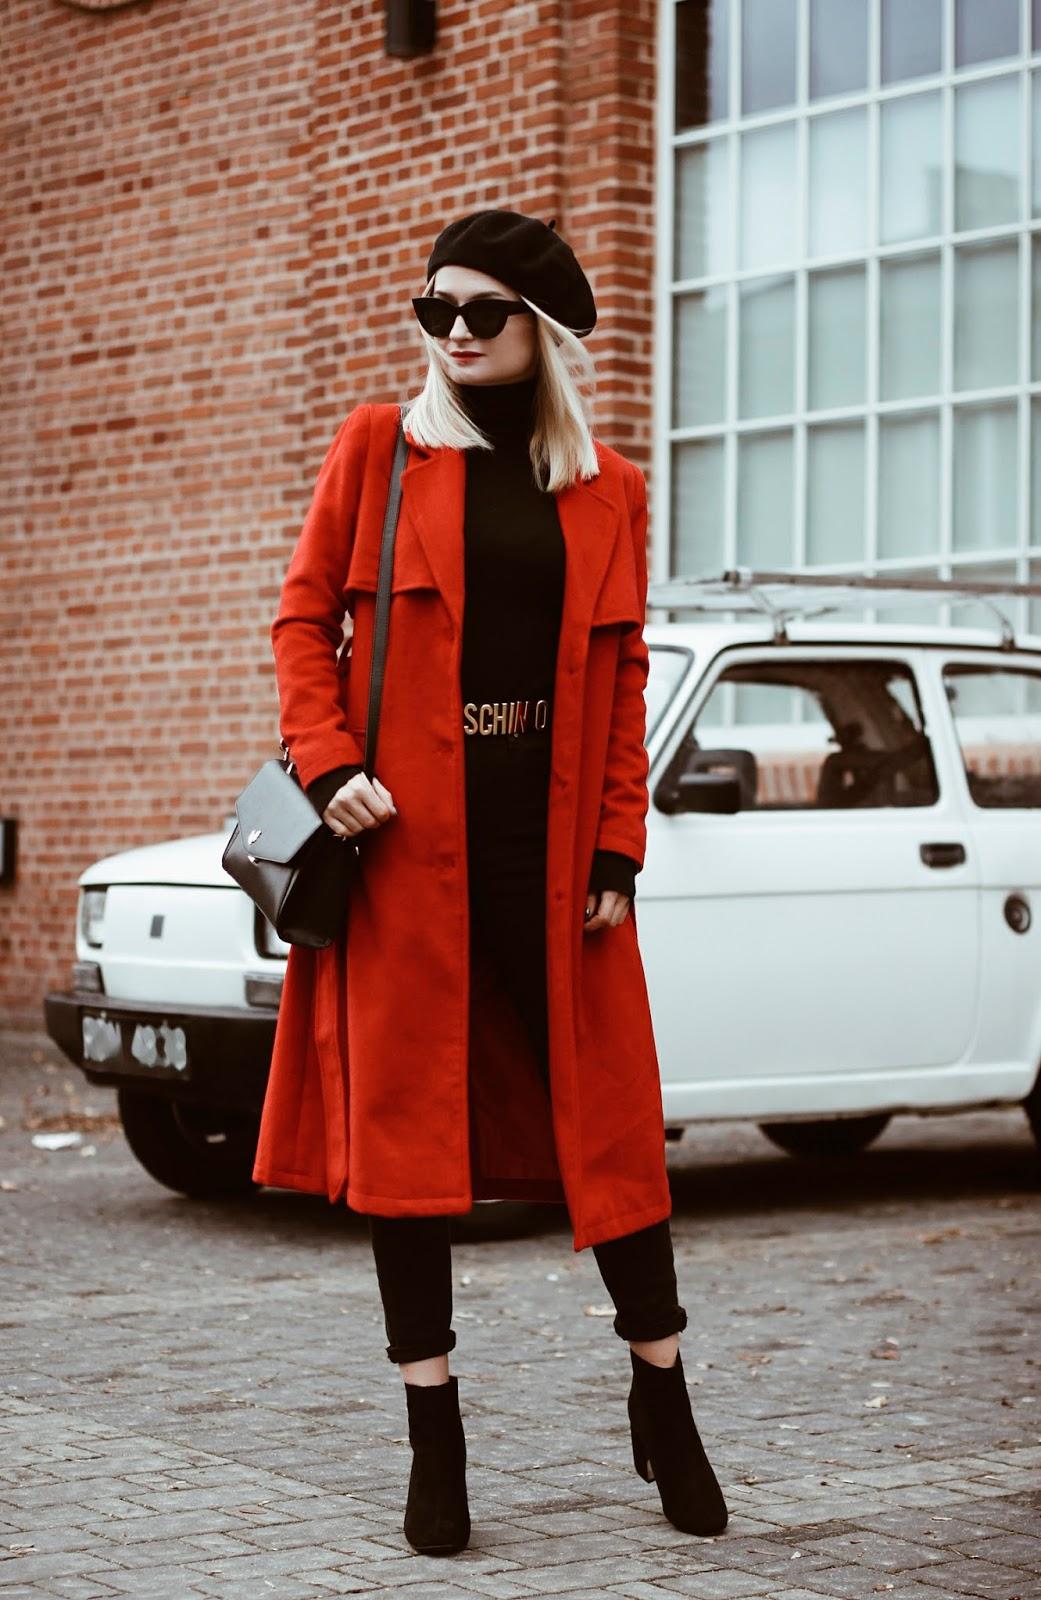 Klasyczny czerwony płaszcz i czarny beret